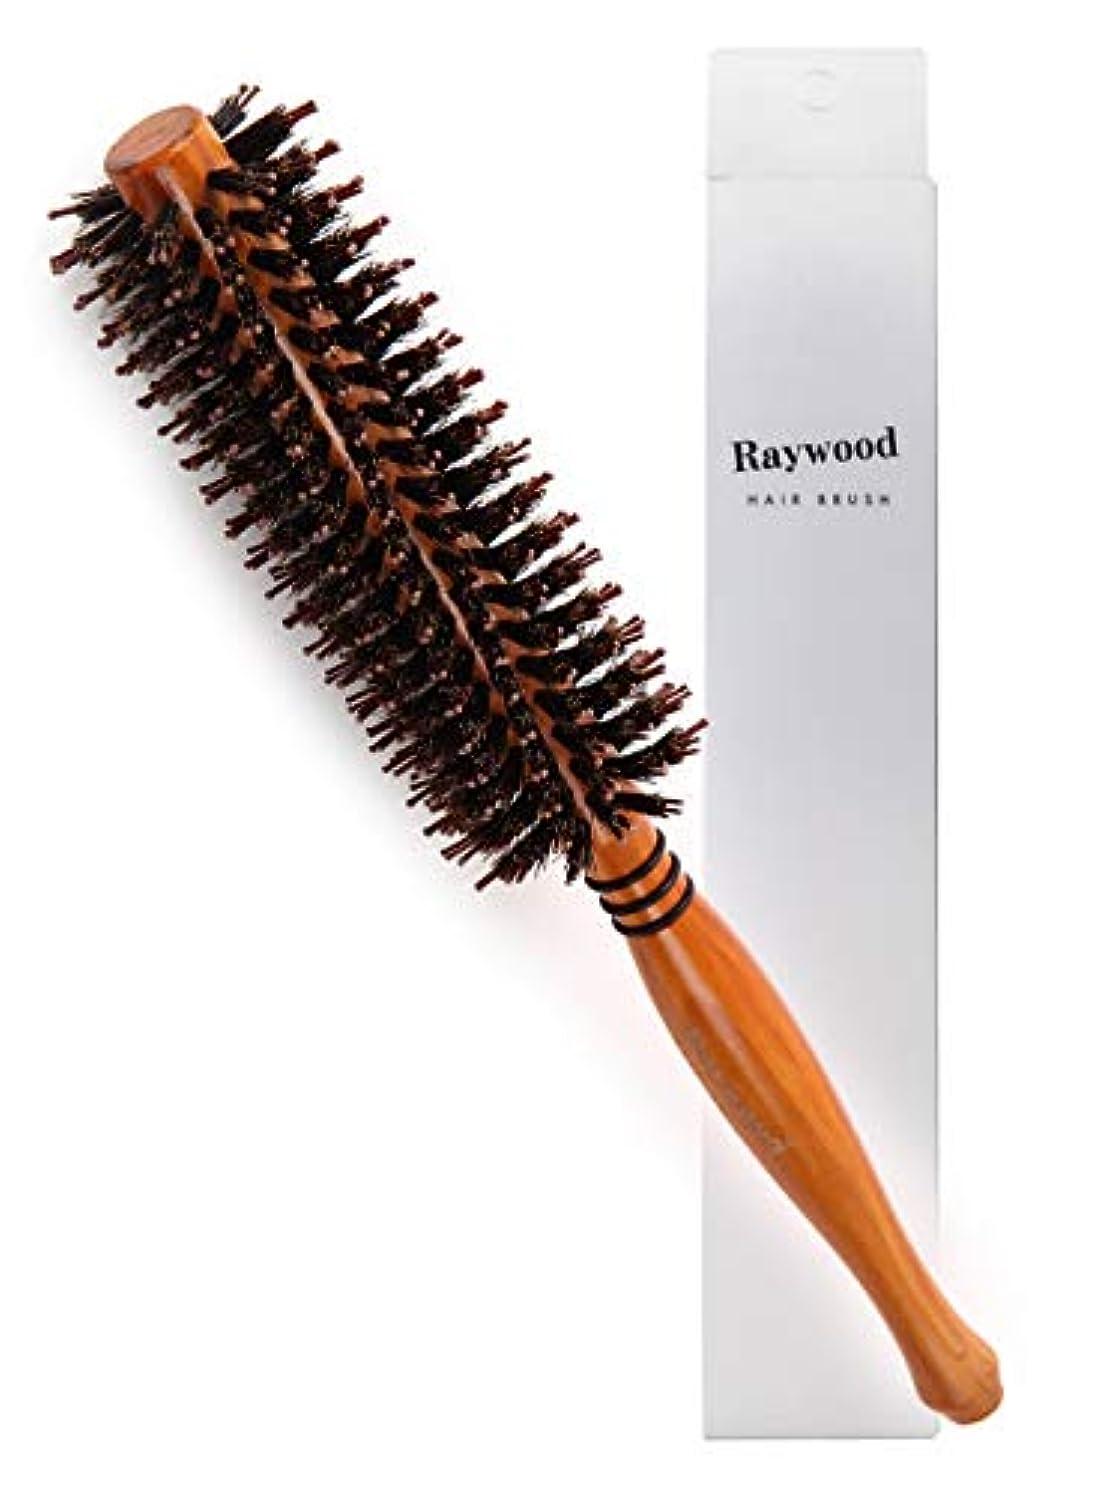 炎上うつ犠牲Raywood 天然ロールブラシ 豚毛 耐熱仕様 ブロー カール 巻き髪 ヘア ブラシ ロール (M)